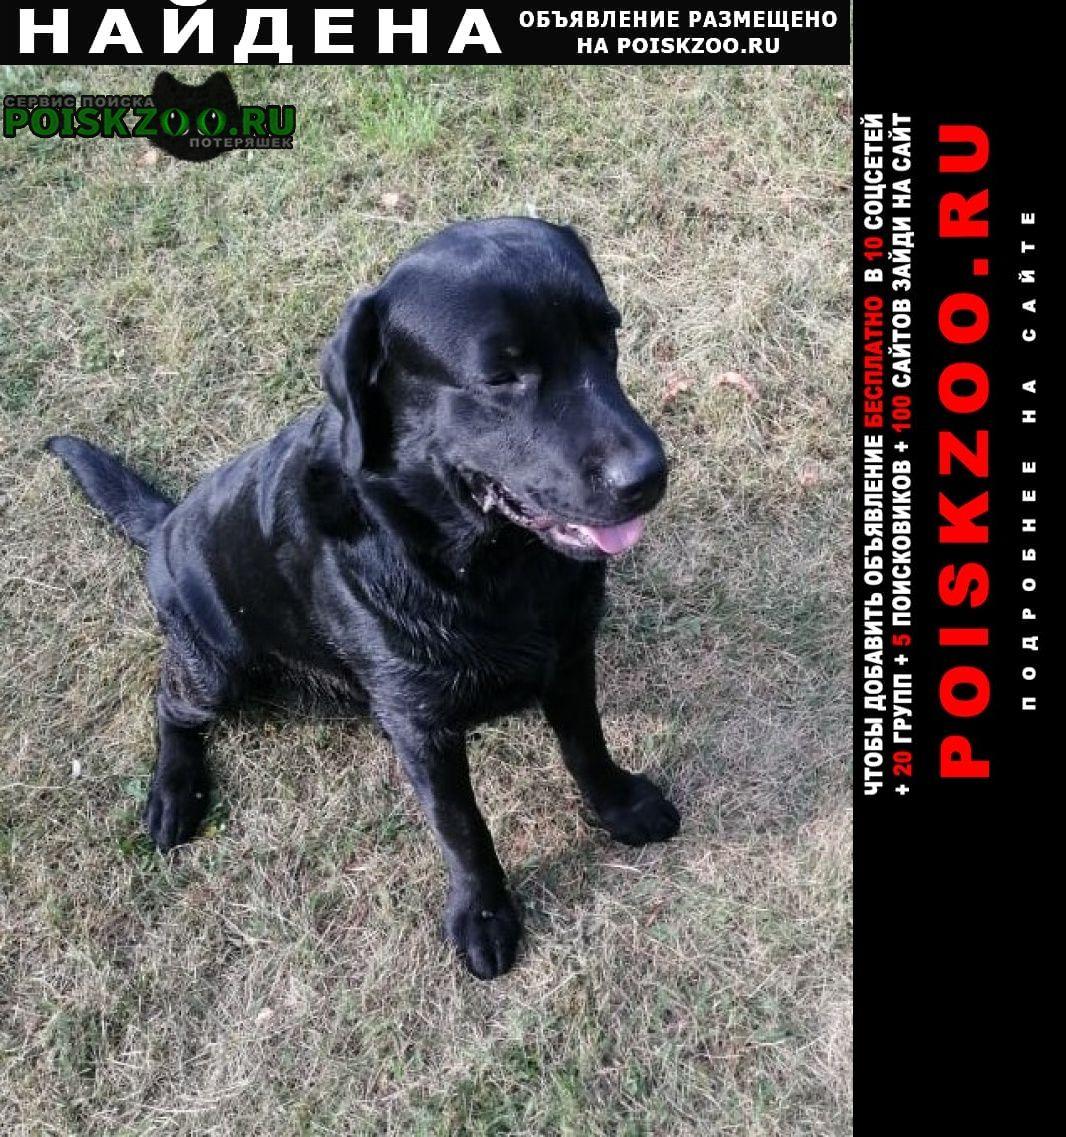 Найдена собака замечен черный молодой лабрадор Озеры